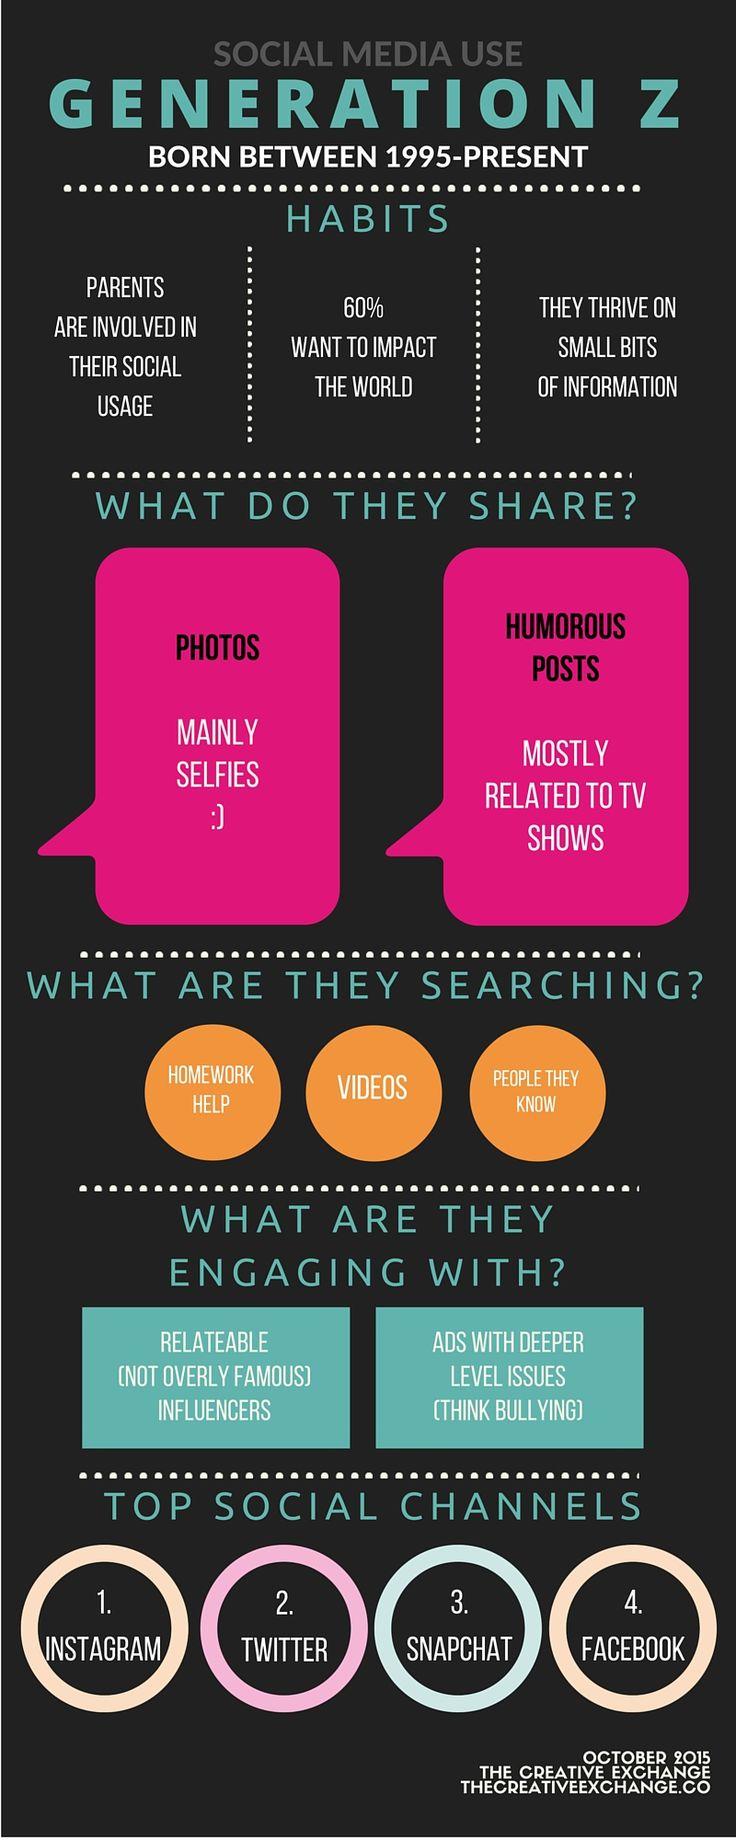 Generation Z and Social Media